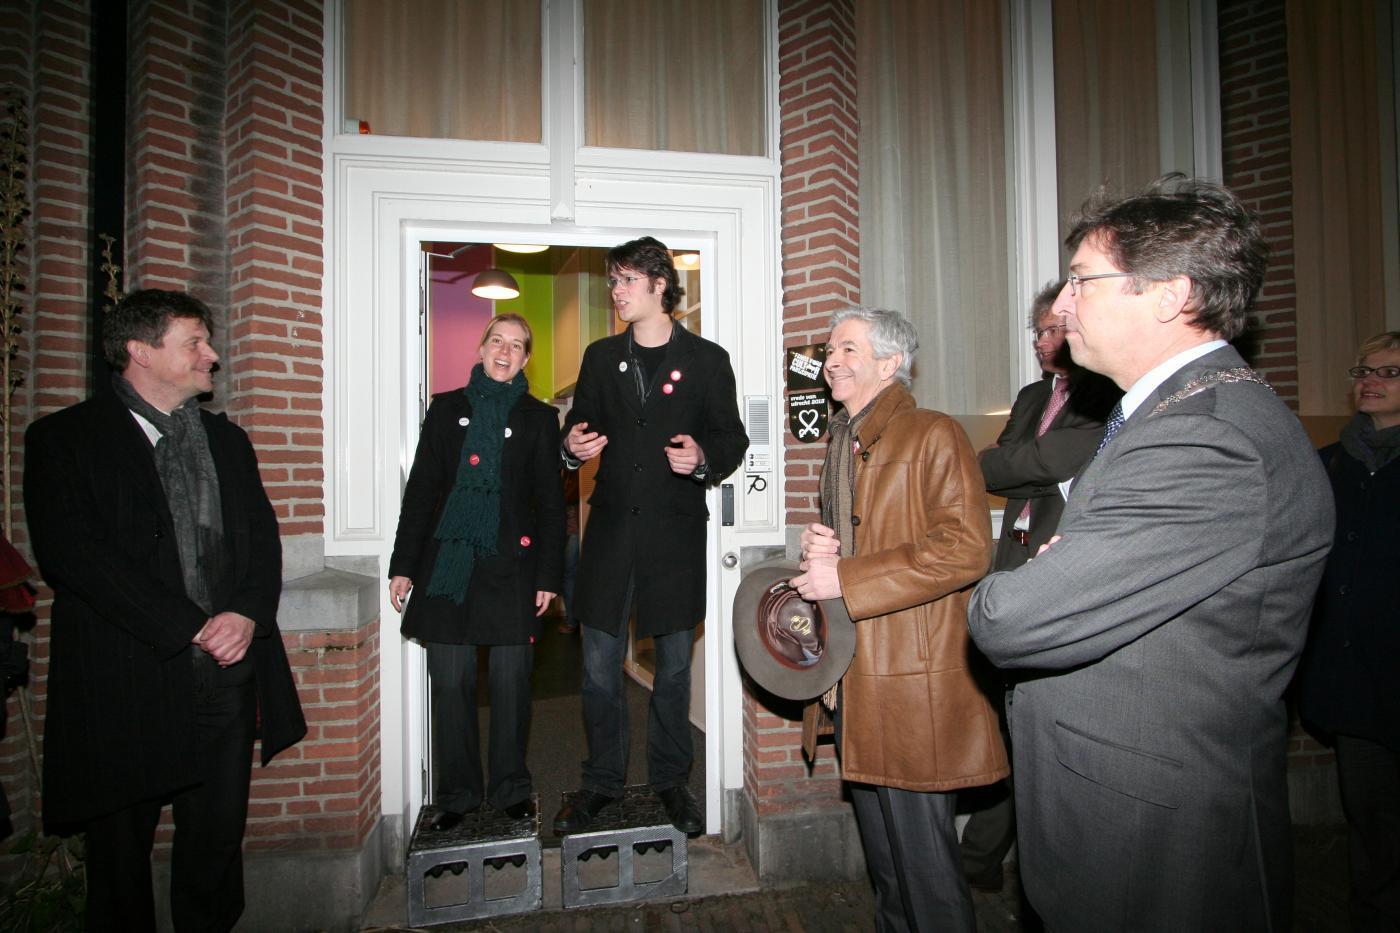 De opening van het gebouw in 2009